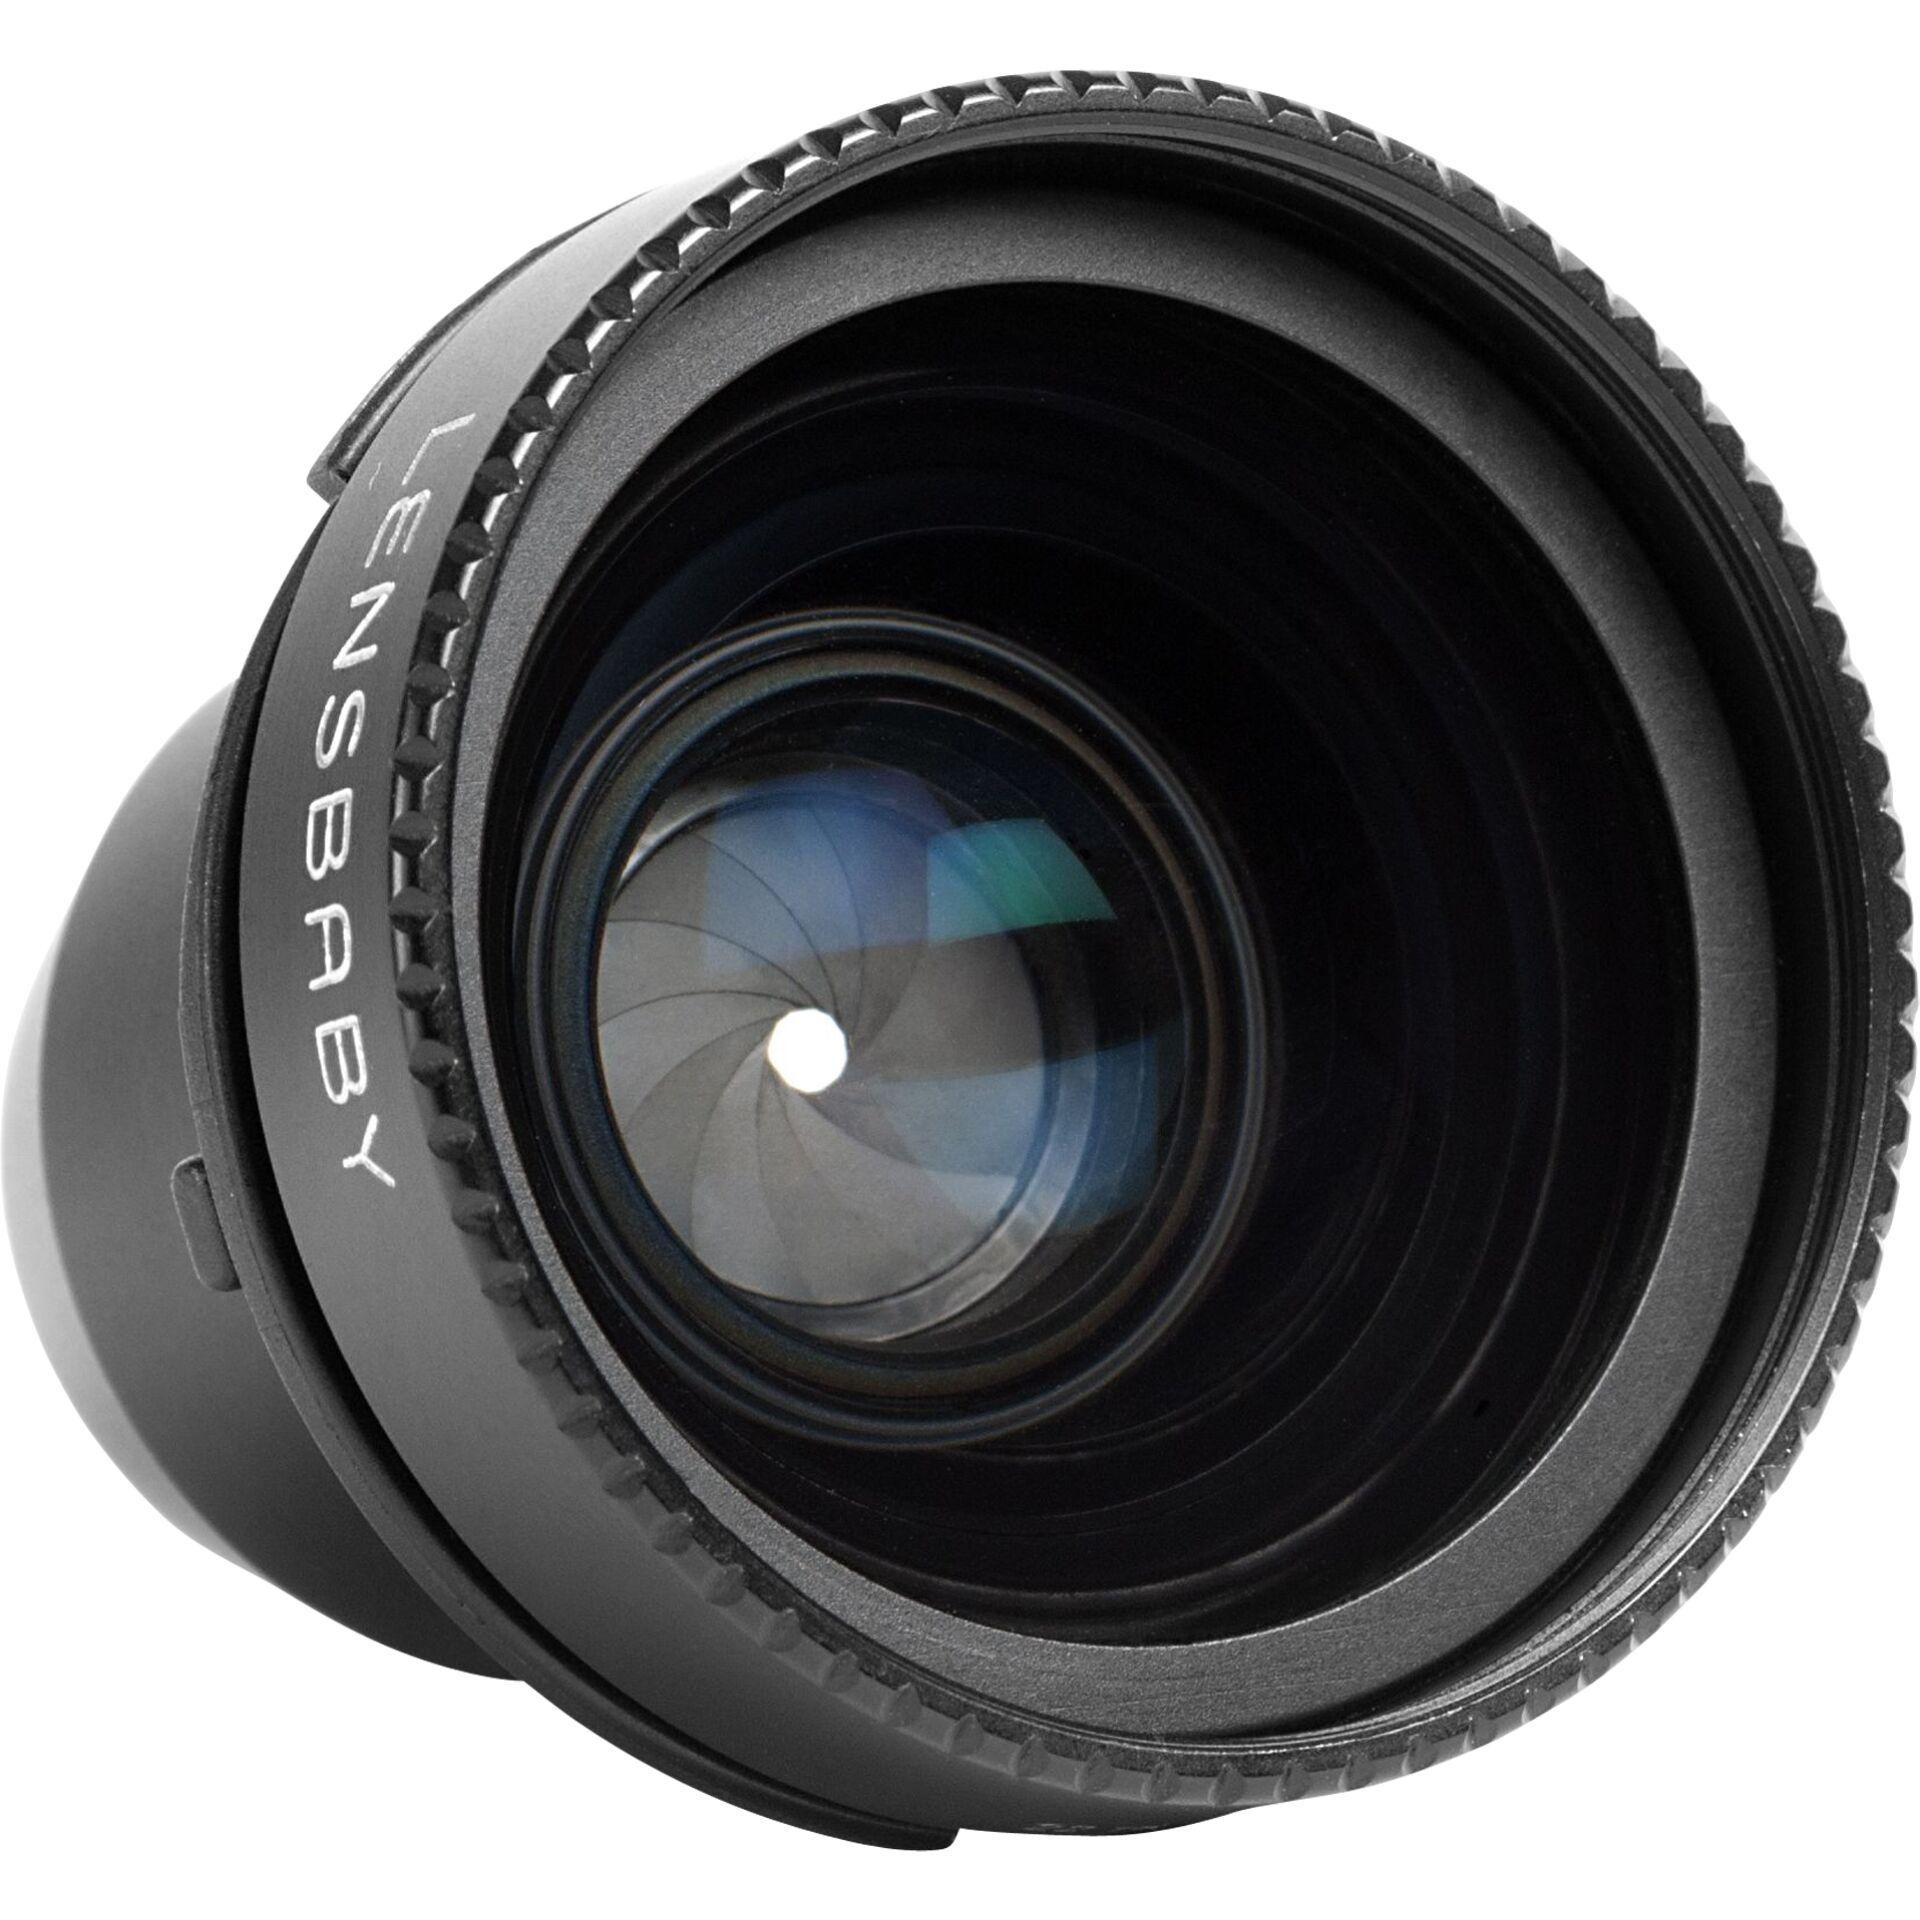 lensbaby Sweet 35 Optic